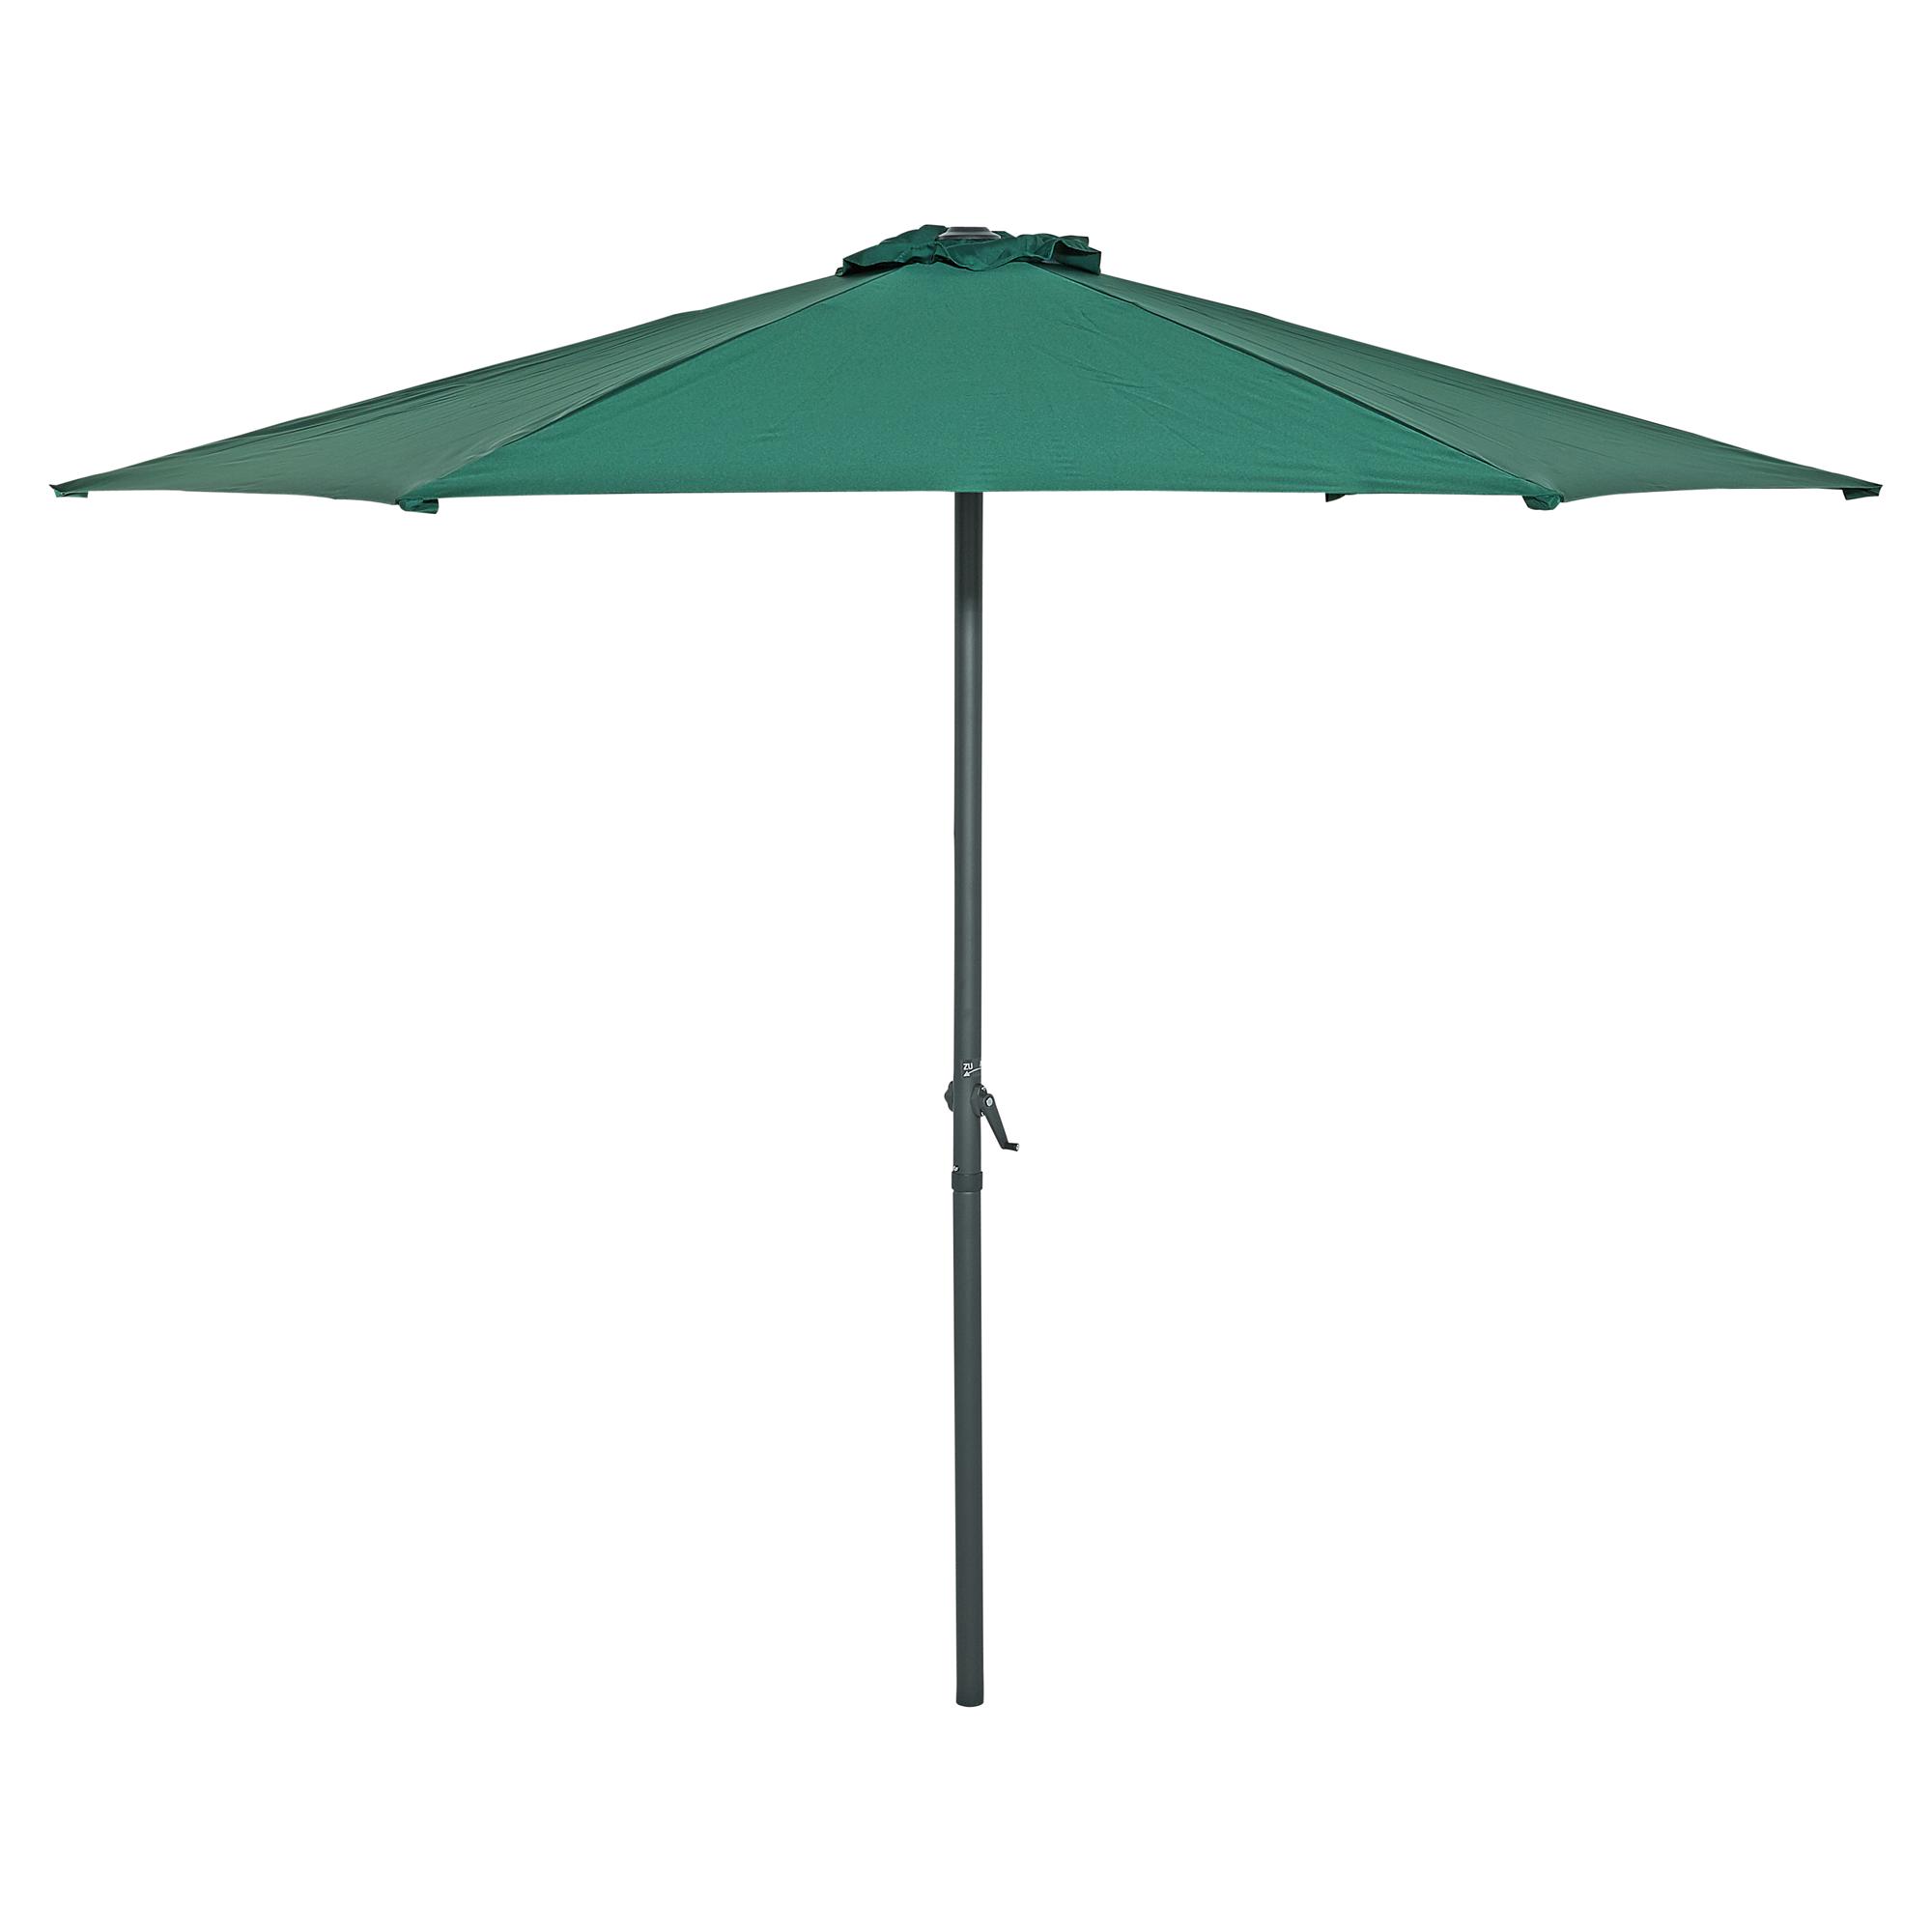 marktschirm-300-cm-4790172-1 Impressionnant De Amazon Parasol Des Idées